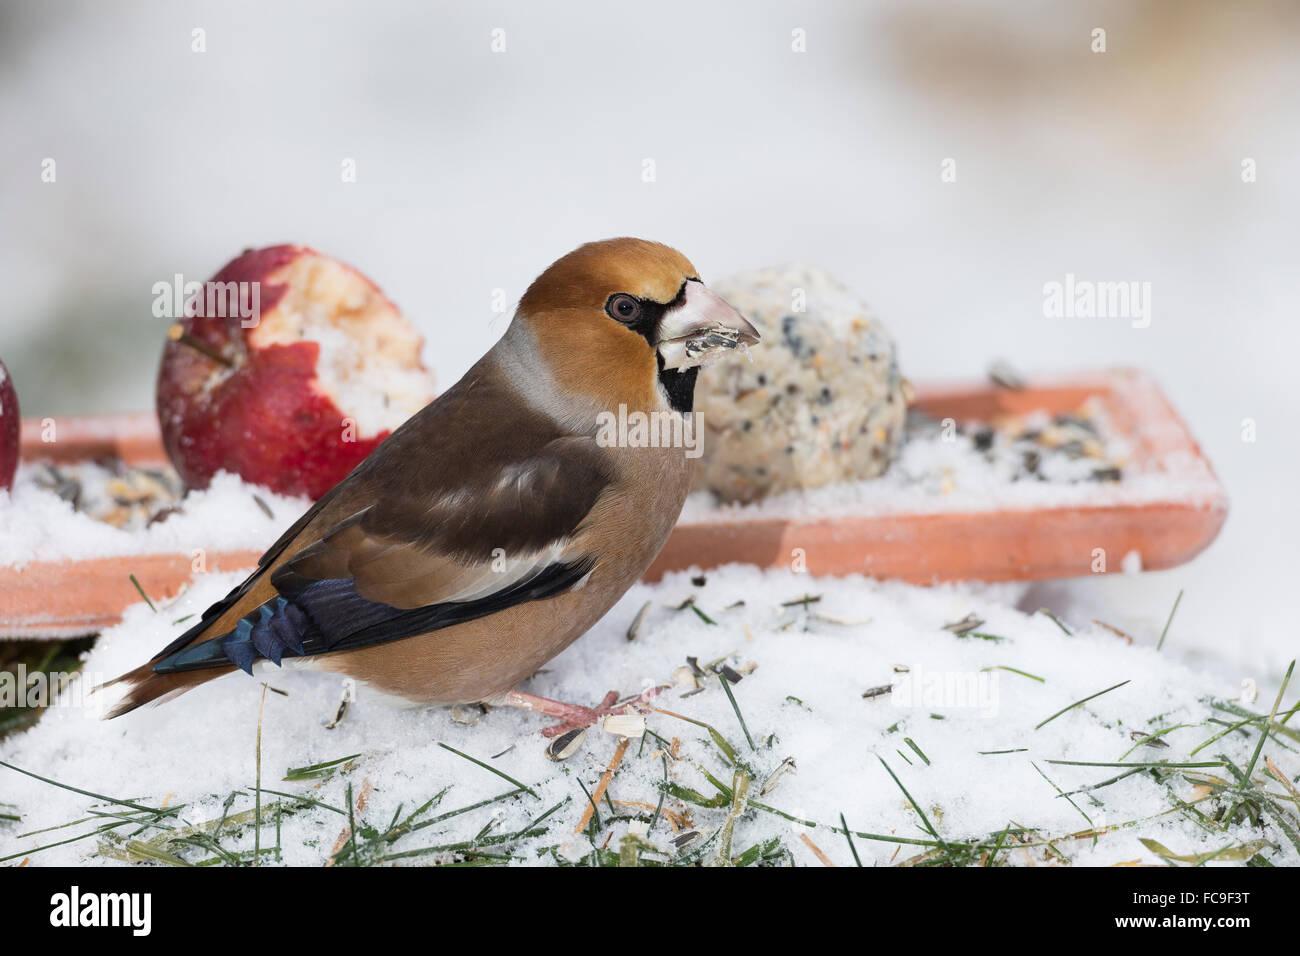 Hawfinch, bird's alimentazione, Kernbeißer, Kernbeisser, Kirschkernbeißer, Vogelfutter, Vogelfütterung, Immagini Stock